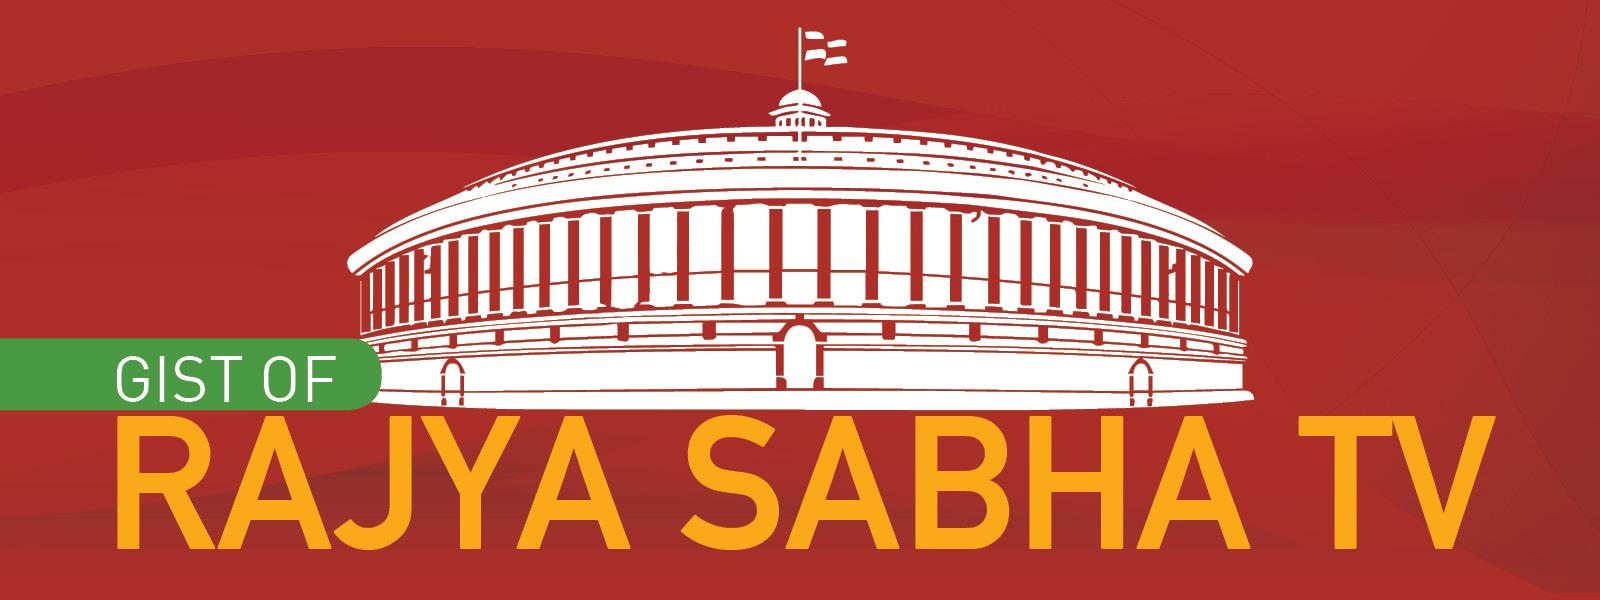 gist of Rajya sabga tv